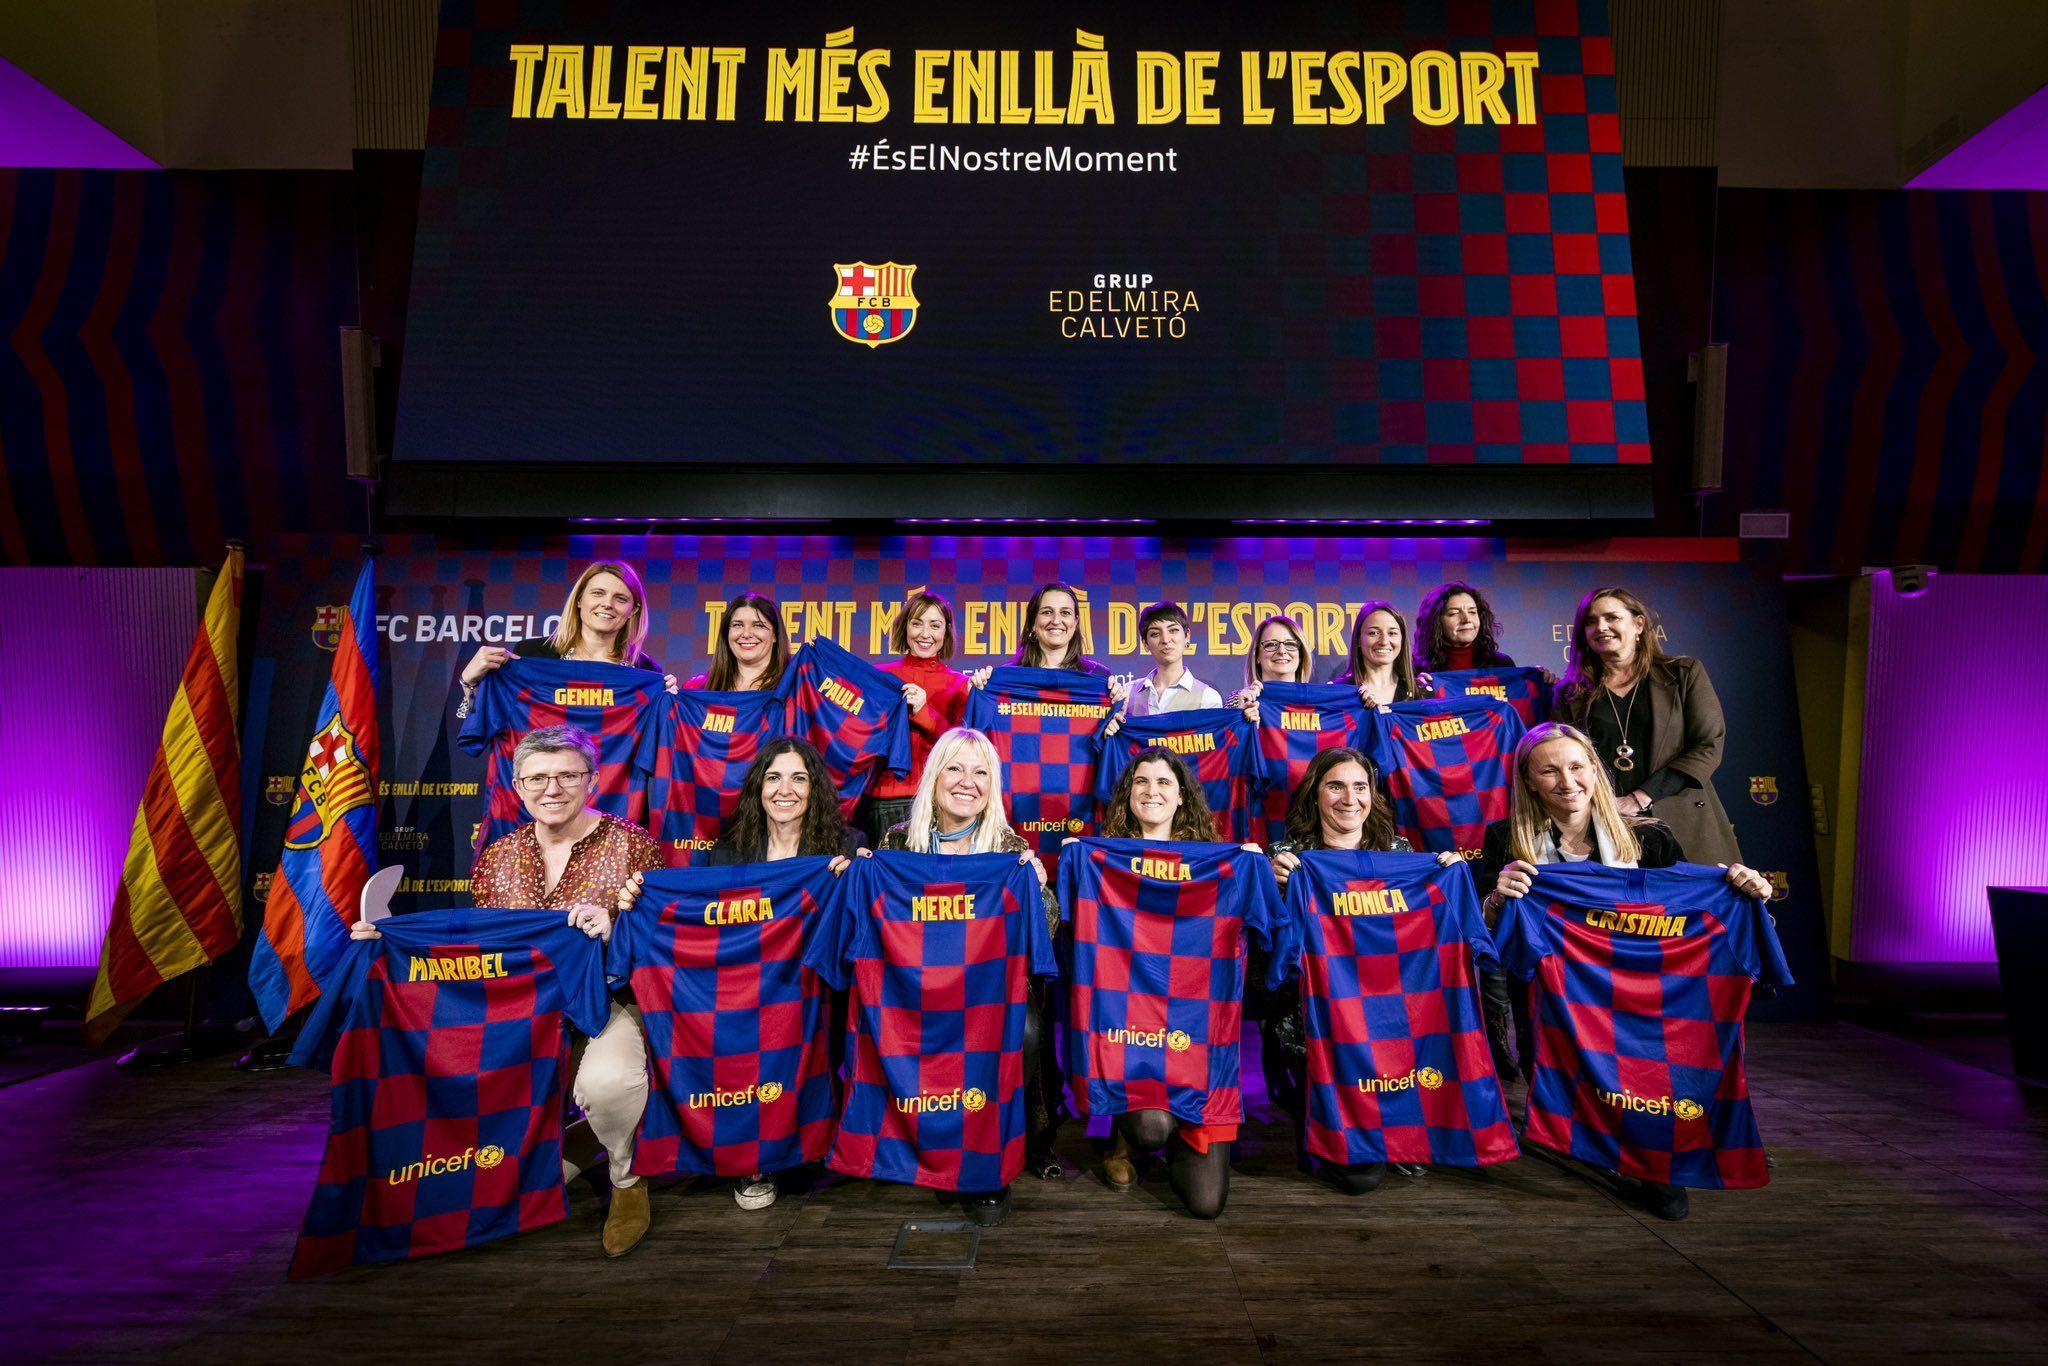 El Barça impulsa una campanya per donar visibilitat al talent femení |FC Barcelona